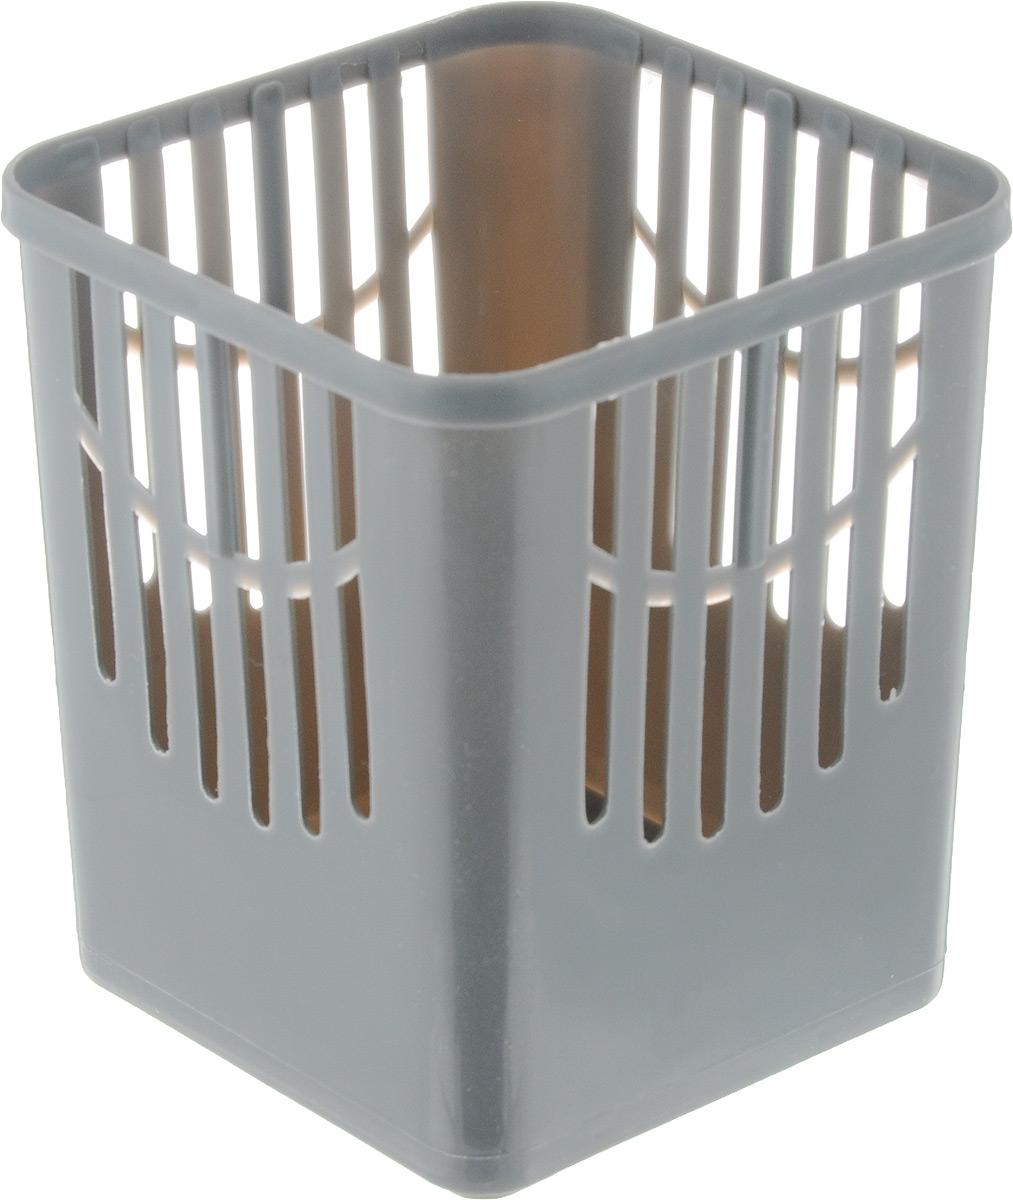 Подставка для столовых приборов Axentia, цвет: серый, 10,5 х 10,5 х 12,5 см232039_серыйПодставка для столовых приборов Axentia, выполненная из высококачественного пластика, станет полезным приобретением для вашей кухни. Она хорошо впишется в интерьер, не займет много места, а столовые приборы будут всегда под рукой. Размер подставки: 10,5 х 10,5 х 12,5 см.